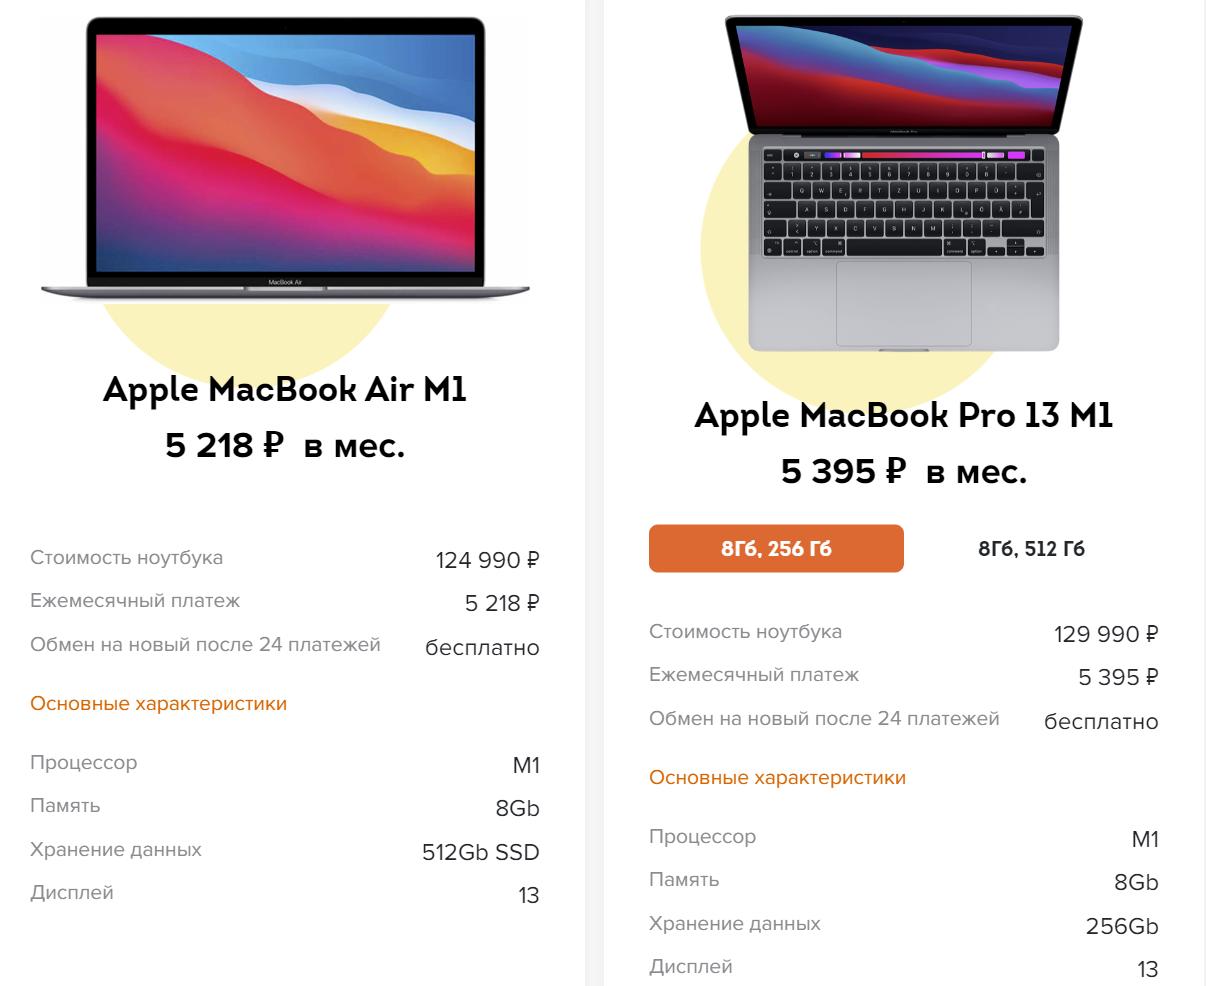 Как получить Apple MacBook по подписке